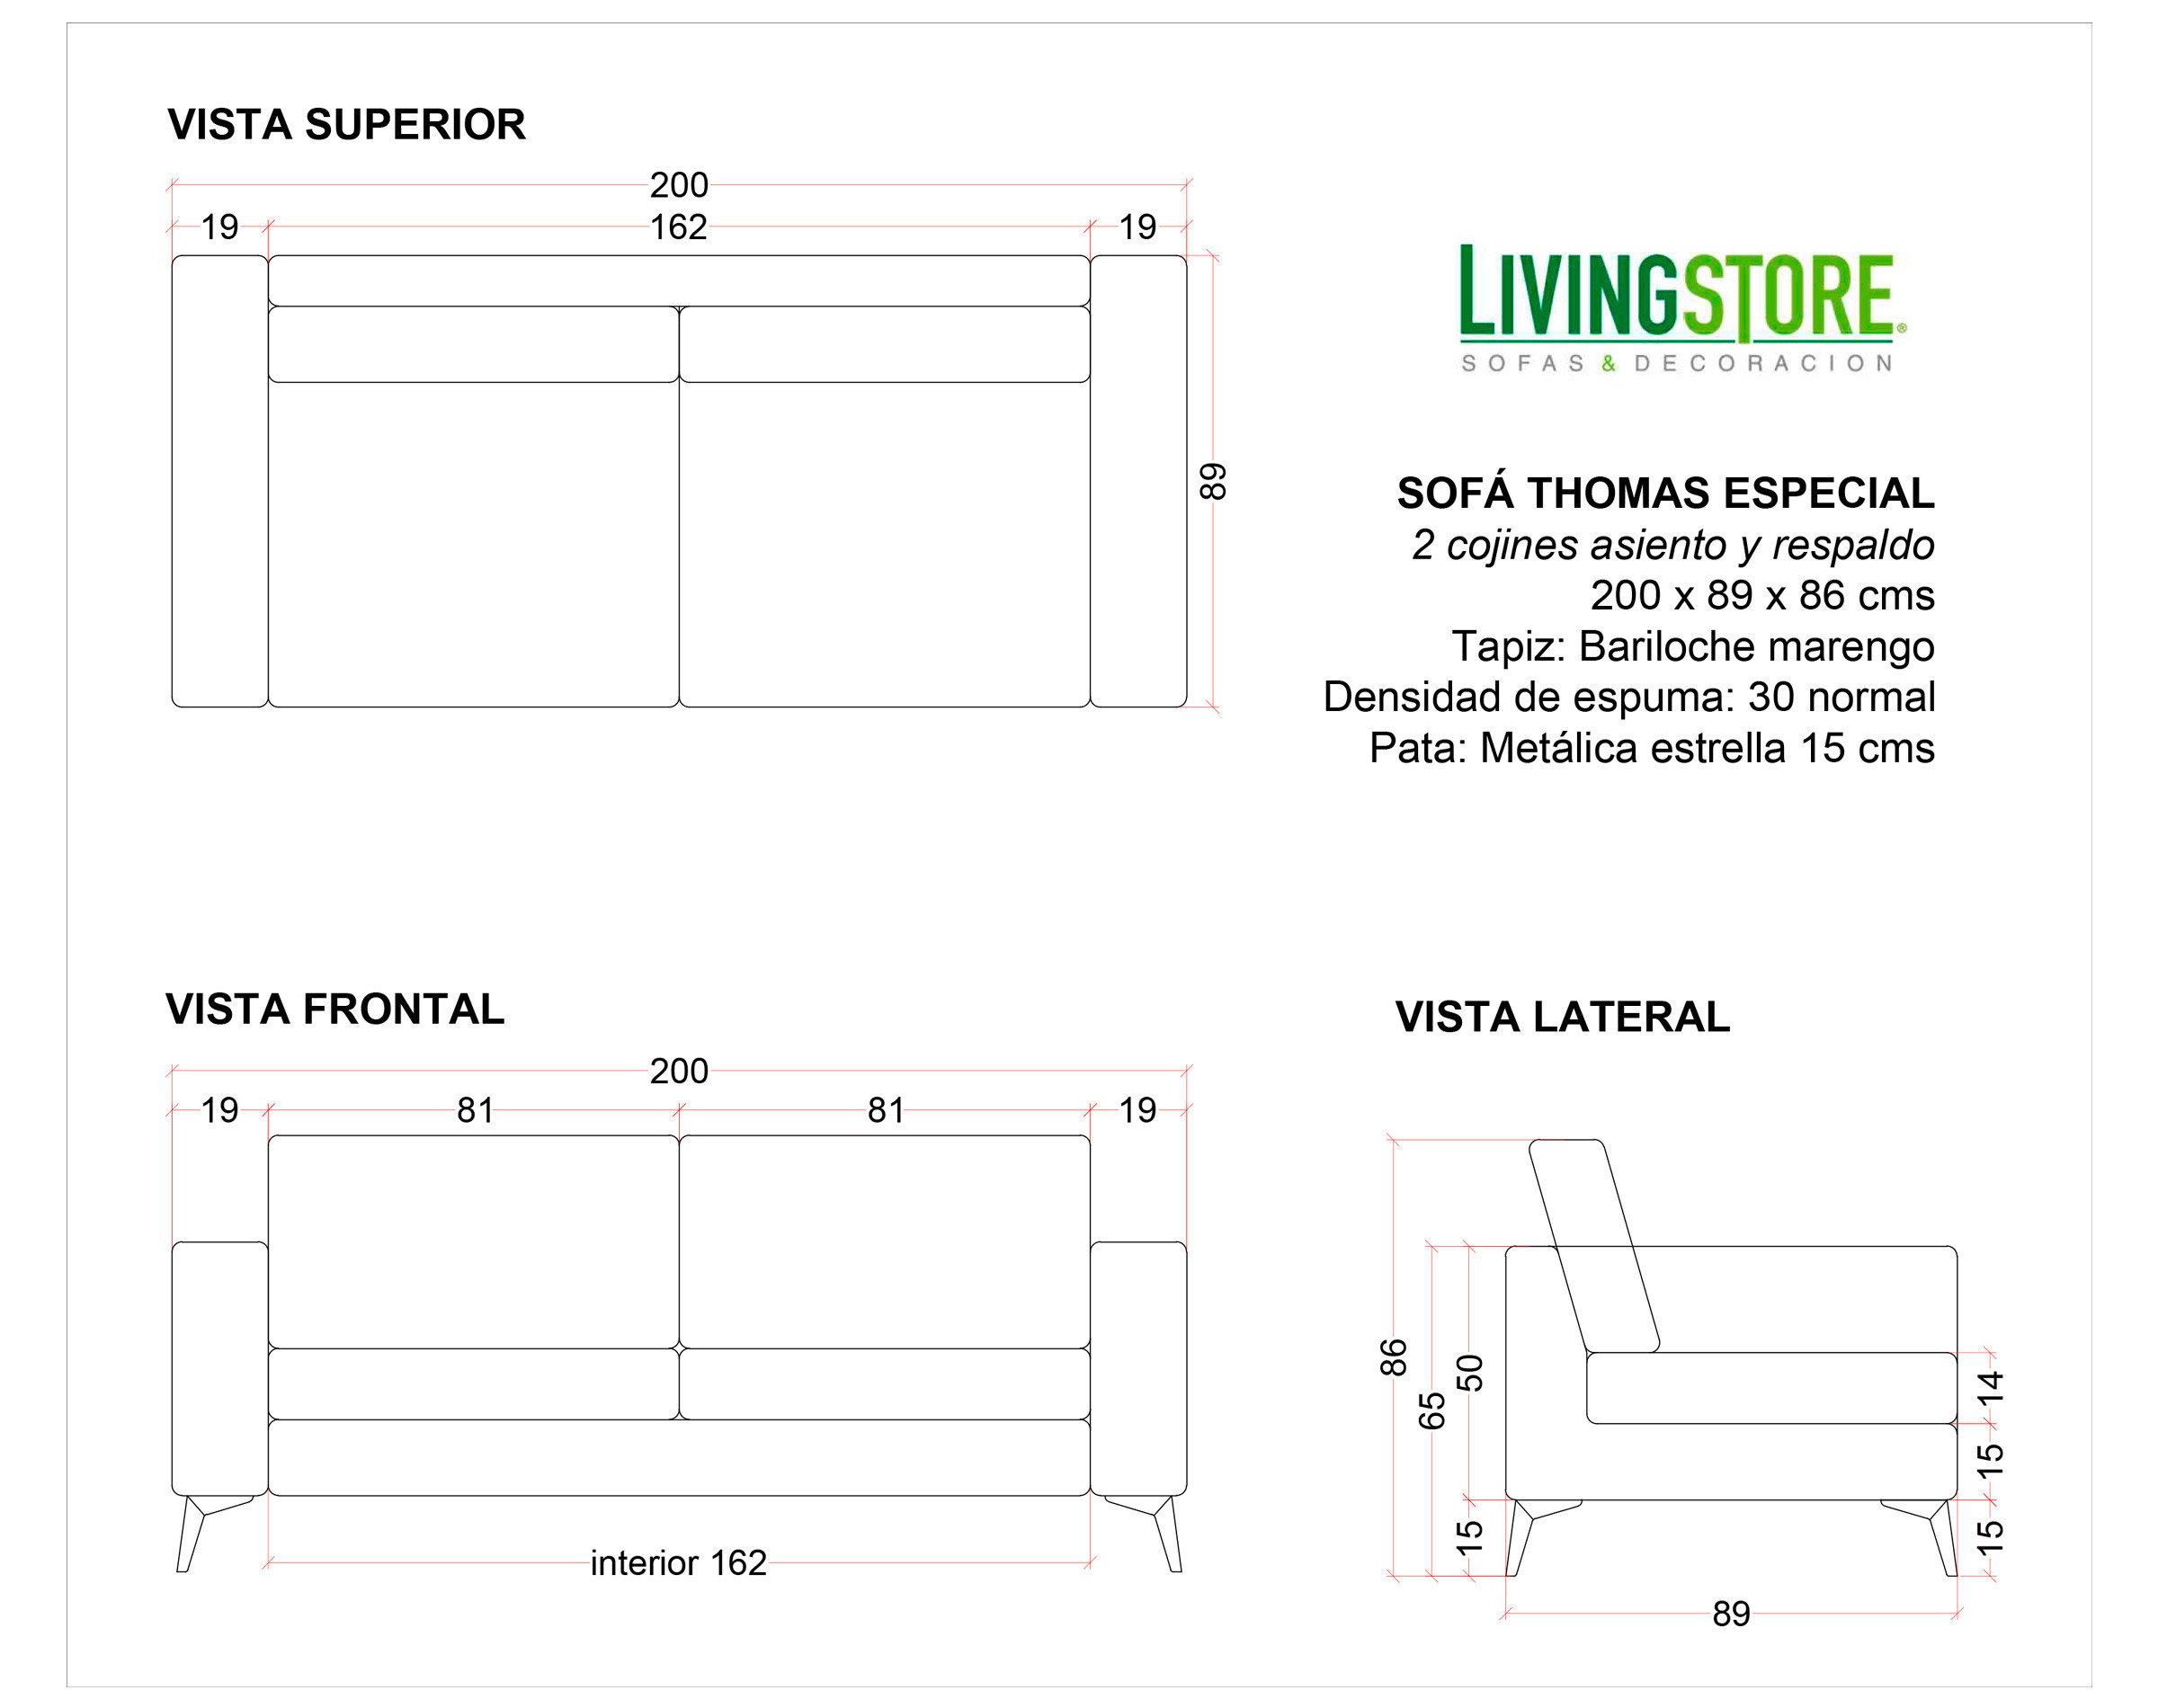 planimetria de sofá 200cm personalizado